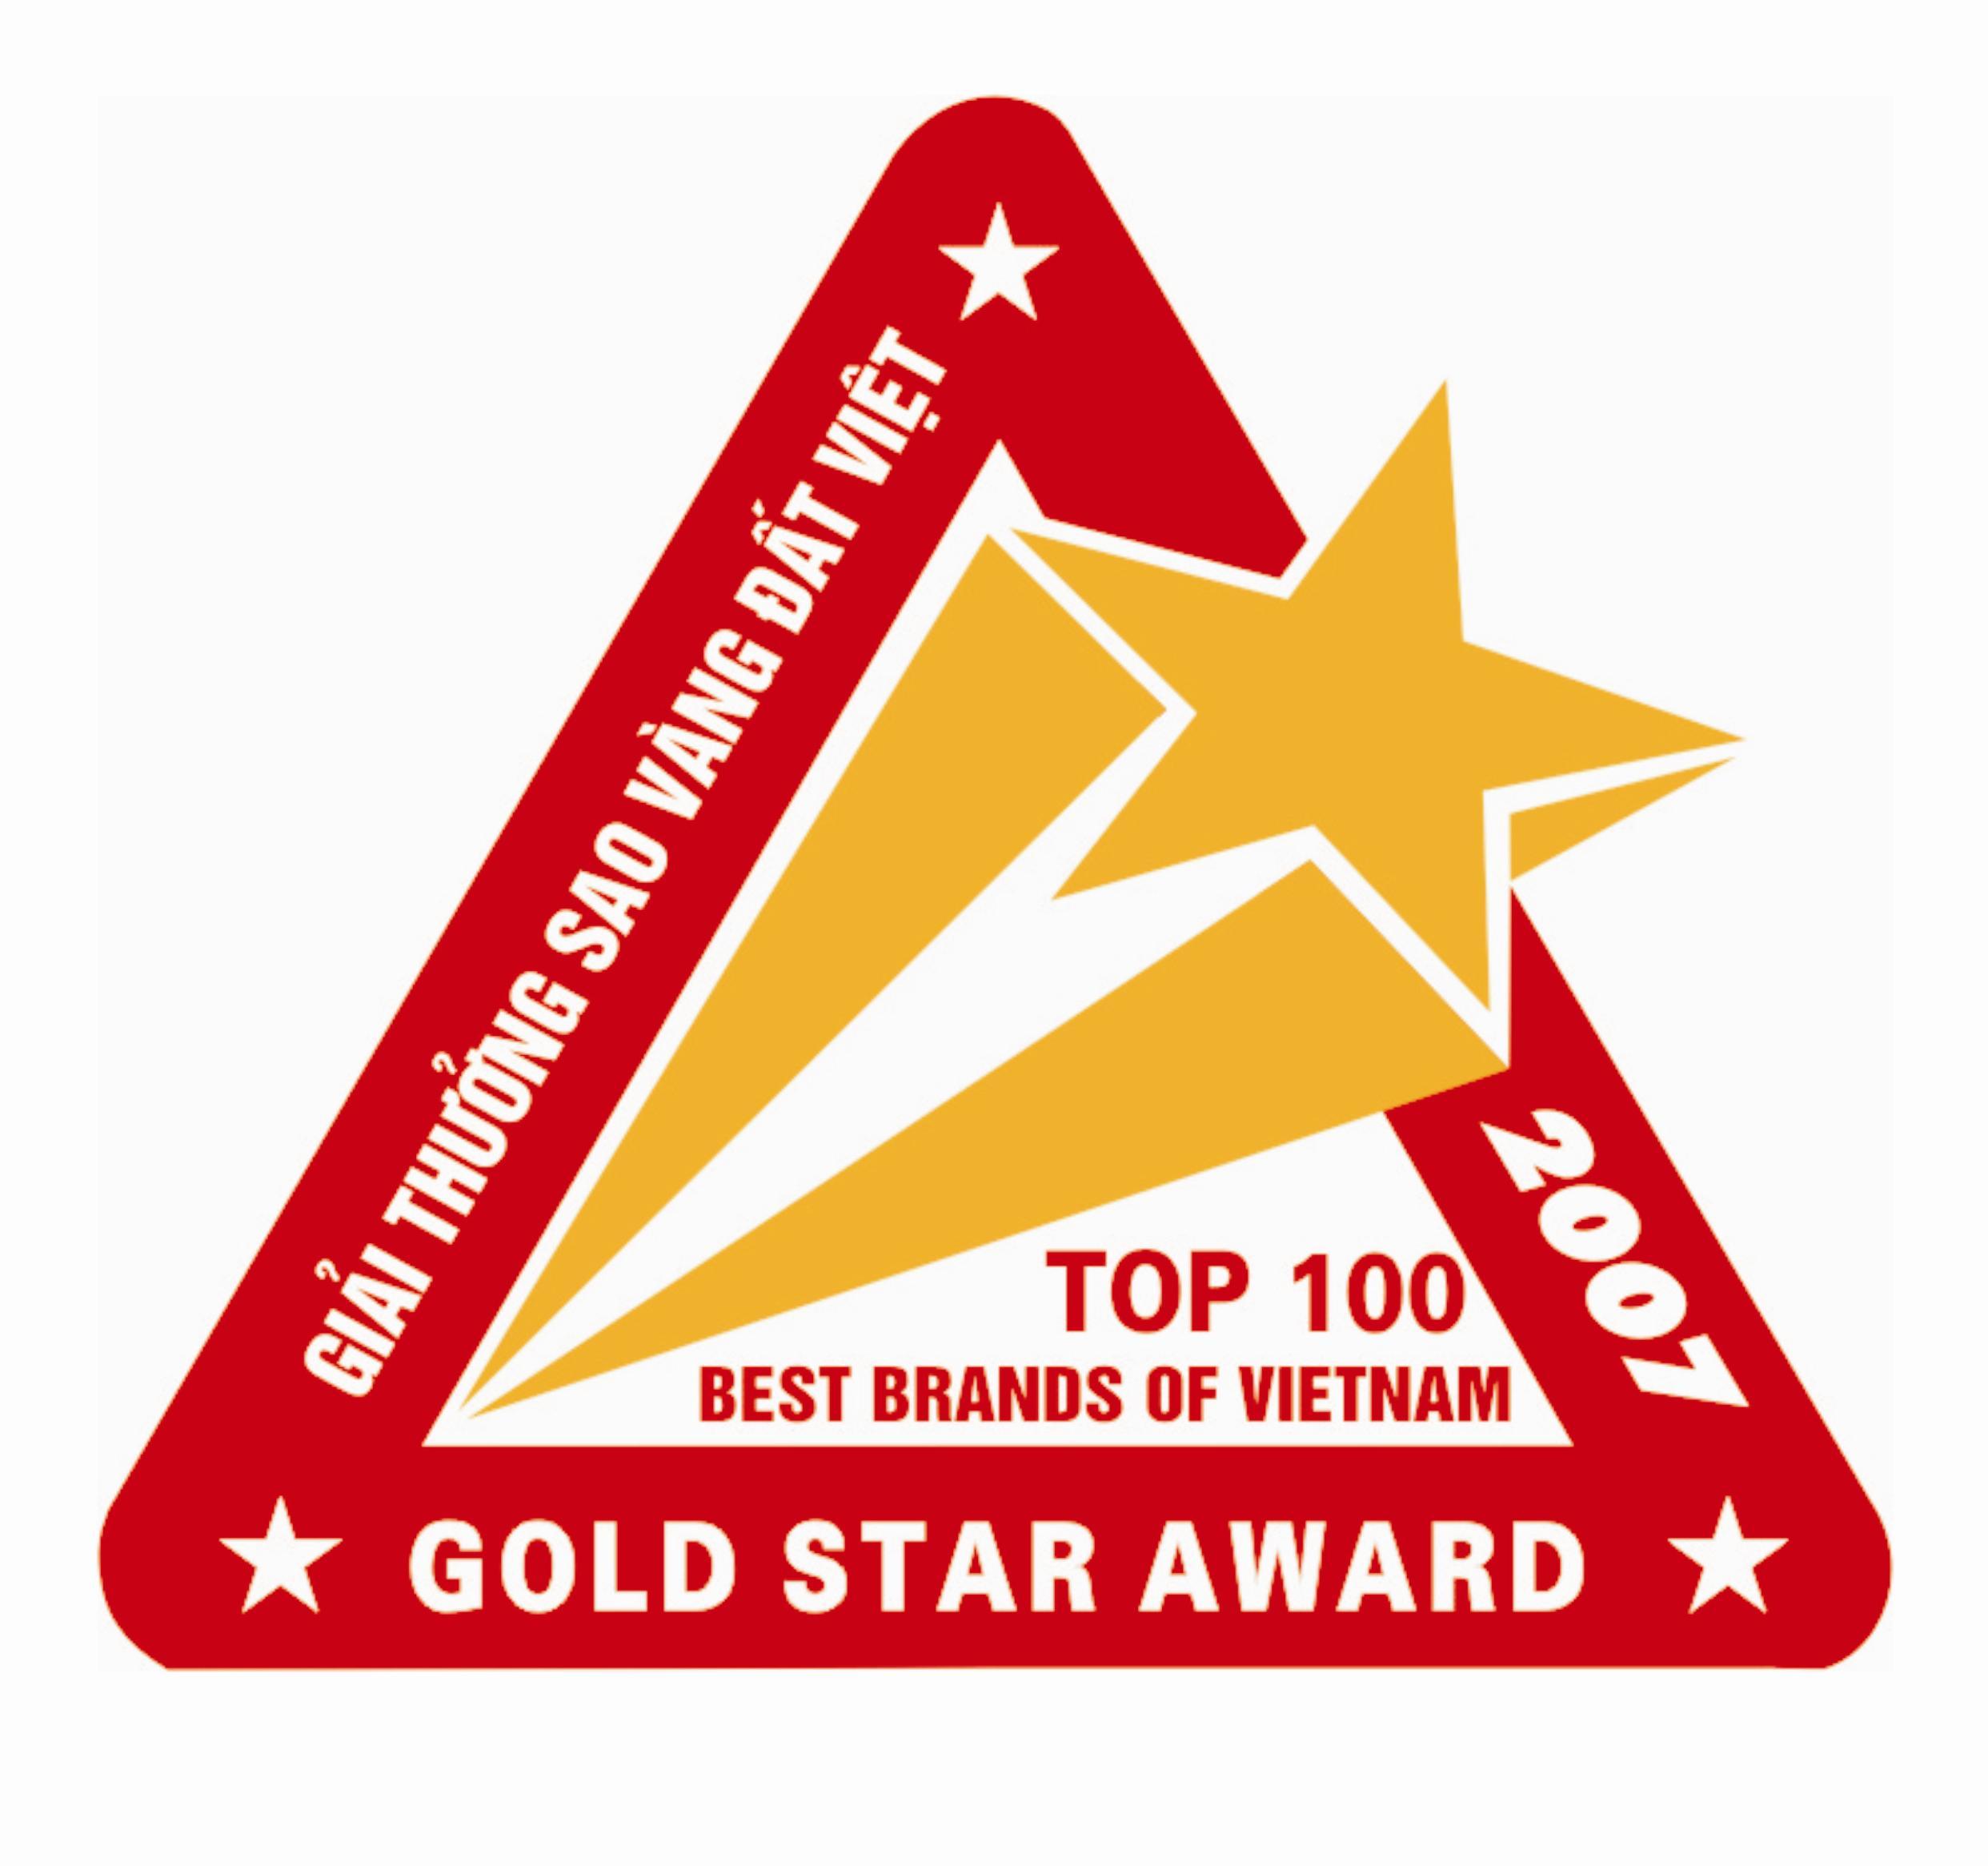 Giải thưởng Sao Vàng Đất Việt – Đại sứ Việt Nam hội nhập quốc tế